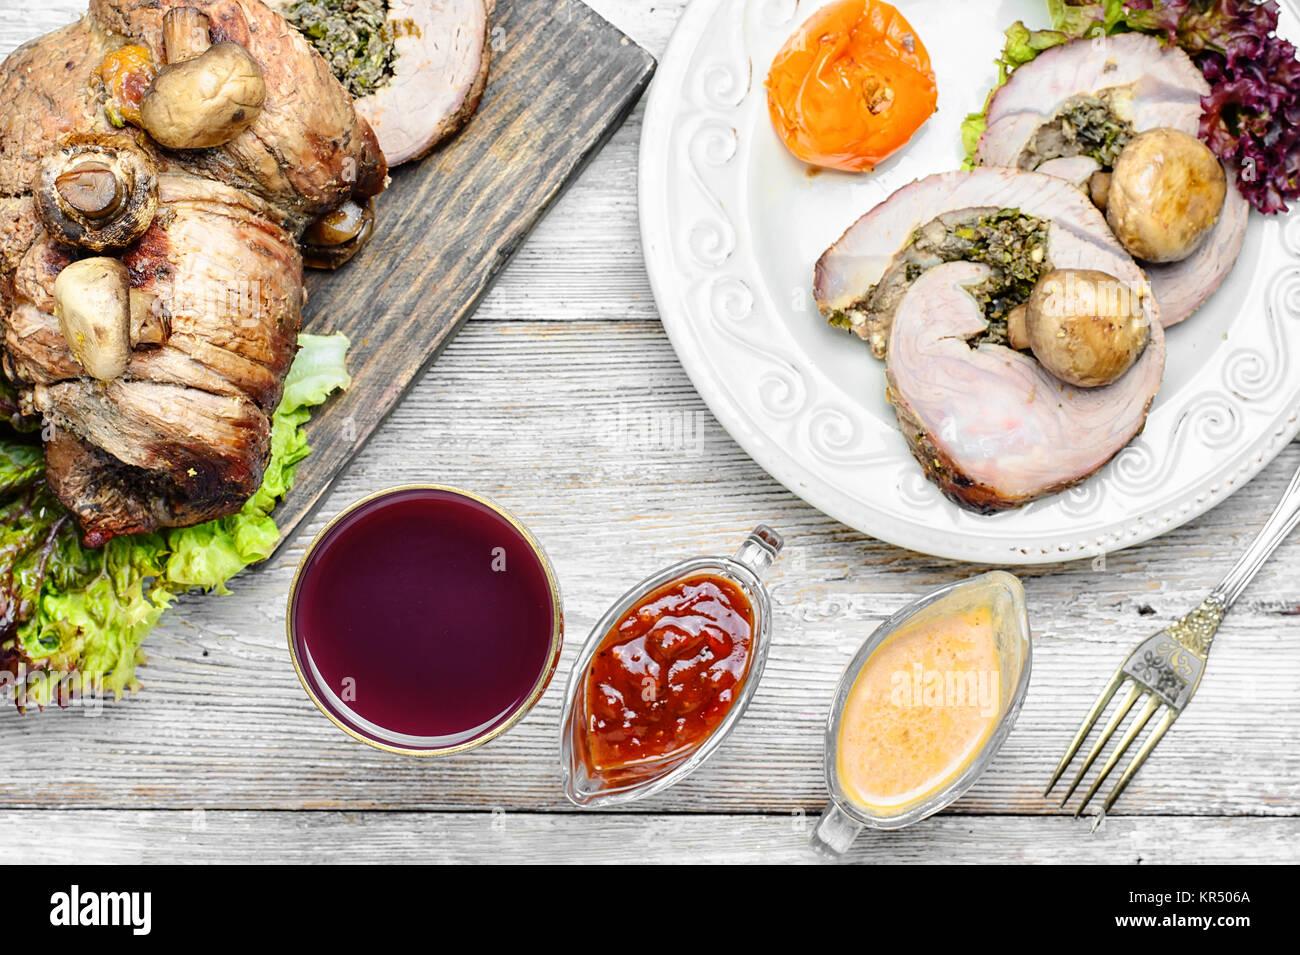 Pork Meatloaf Stock Photos & Pork Meatloaf Stock Images - Page 8 - Alamy